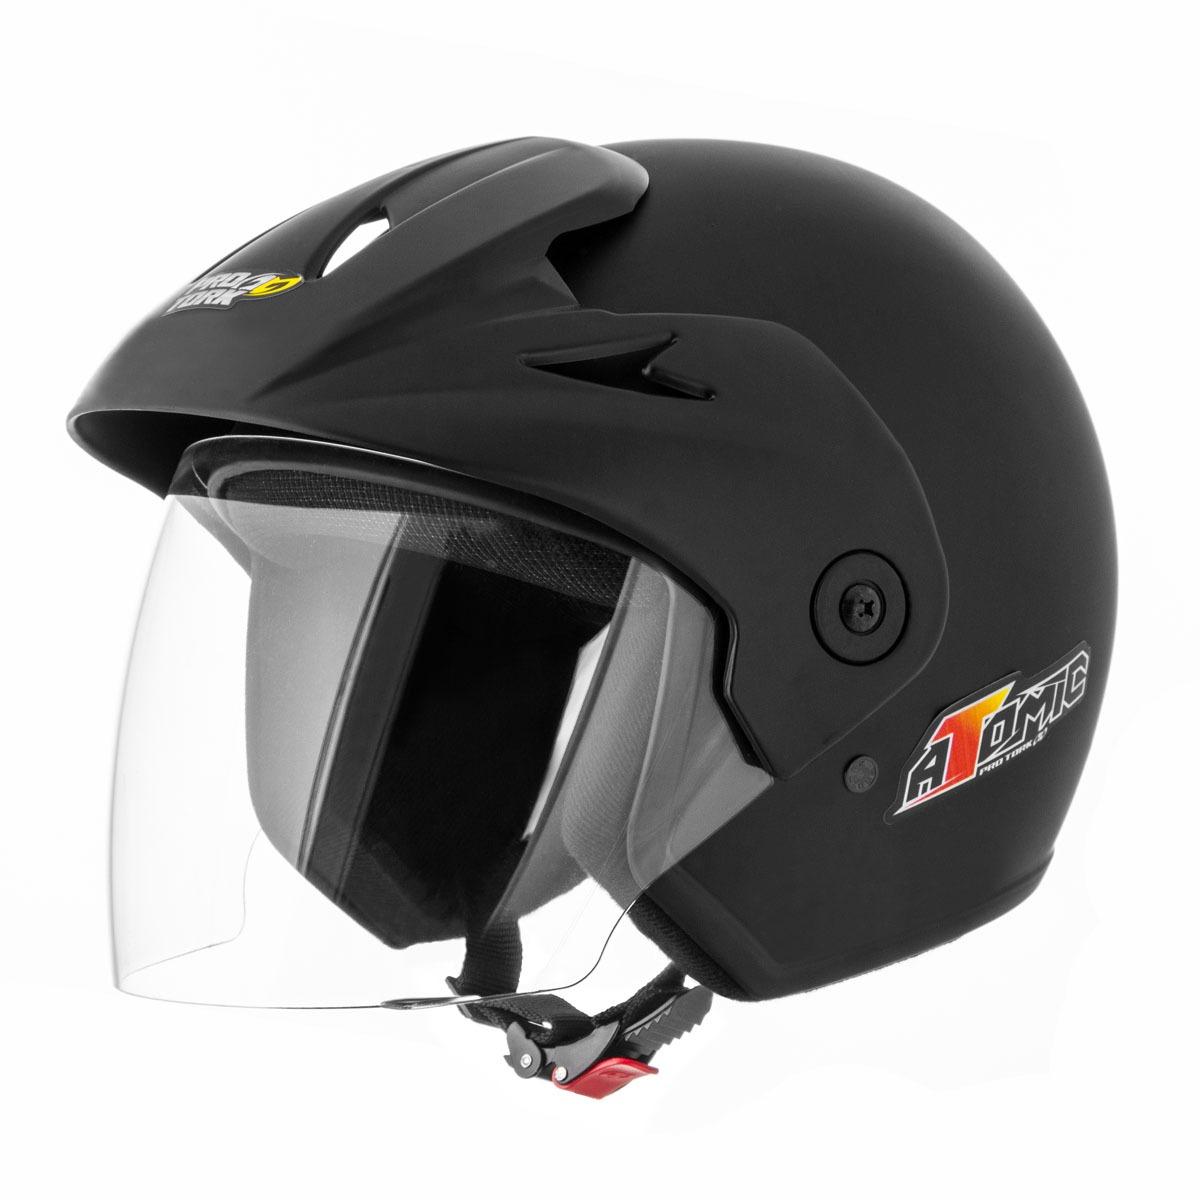 capacete aberto viseira atomic - preto fosco frete grátis. Carregando zoom. 9077197abe2